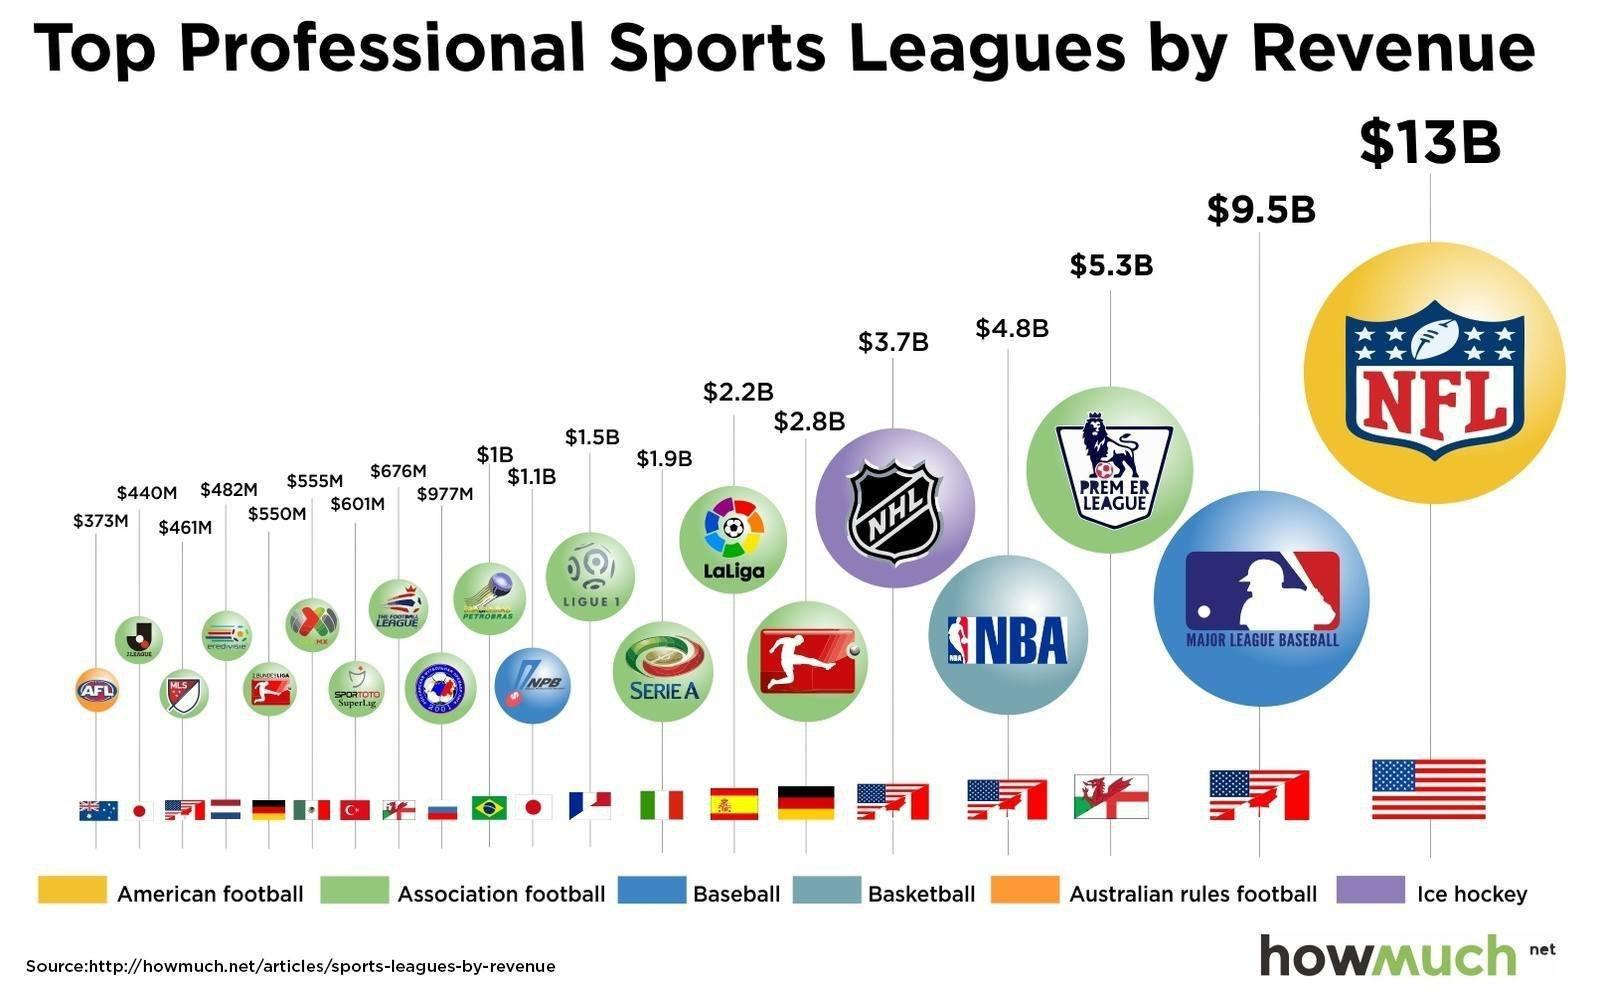 sports-leagues-by-revenue-9337-c600